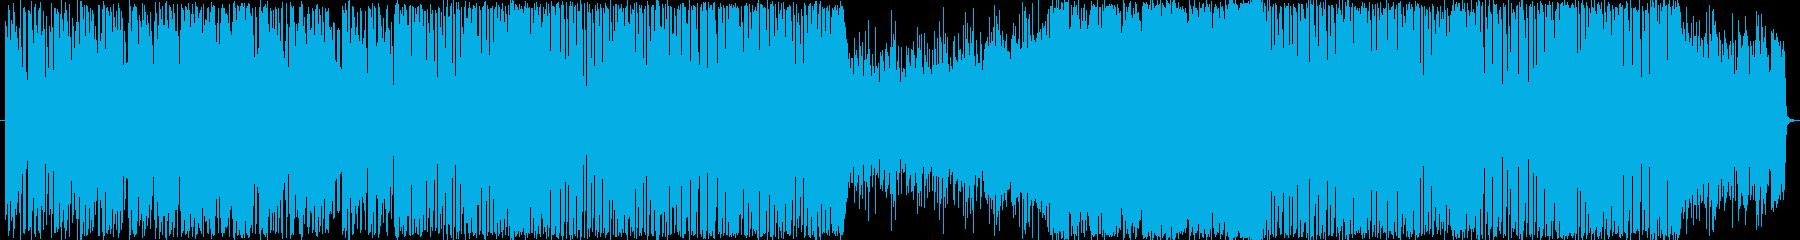 ファンキーでノリのいいBGMの再生済みの波形